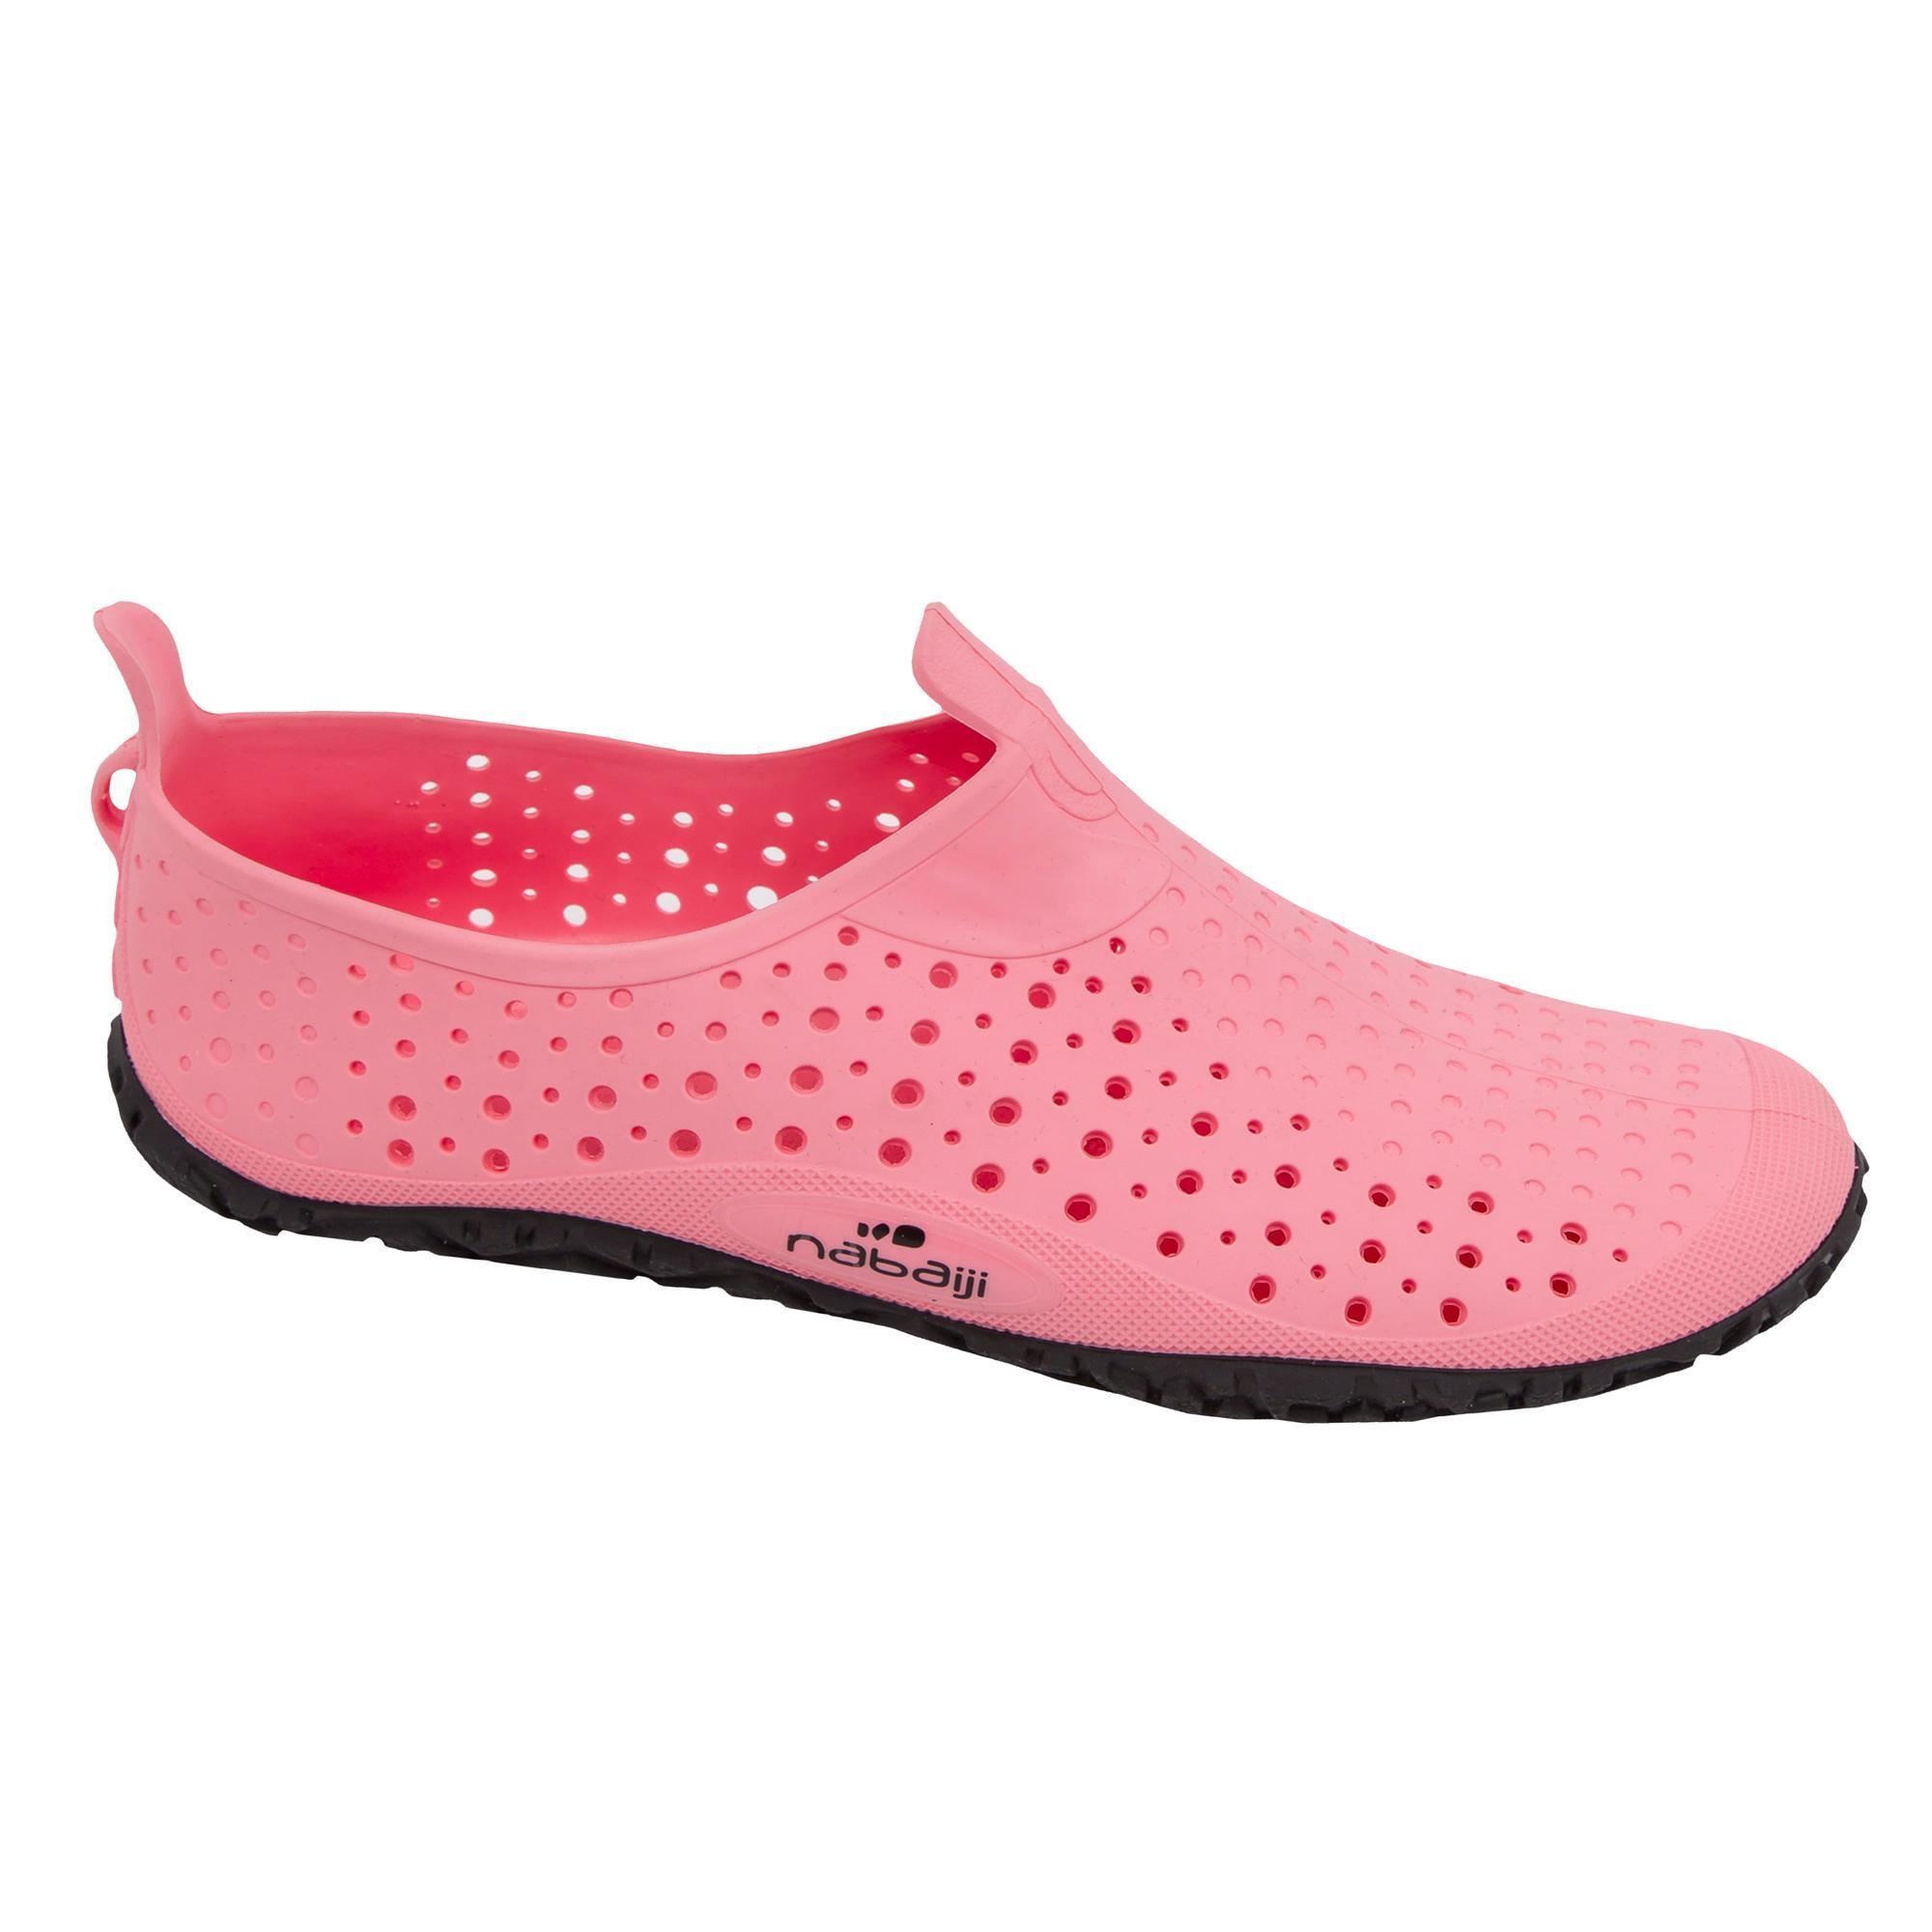 eaaa3c7d9a6c Baby,Kinder,Damen,Herren Aquaschuhe Aquadots Aquagym Aquafitness rosa grau    03583788152088